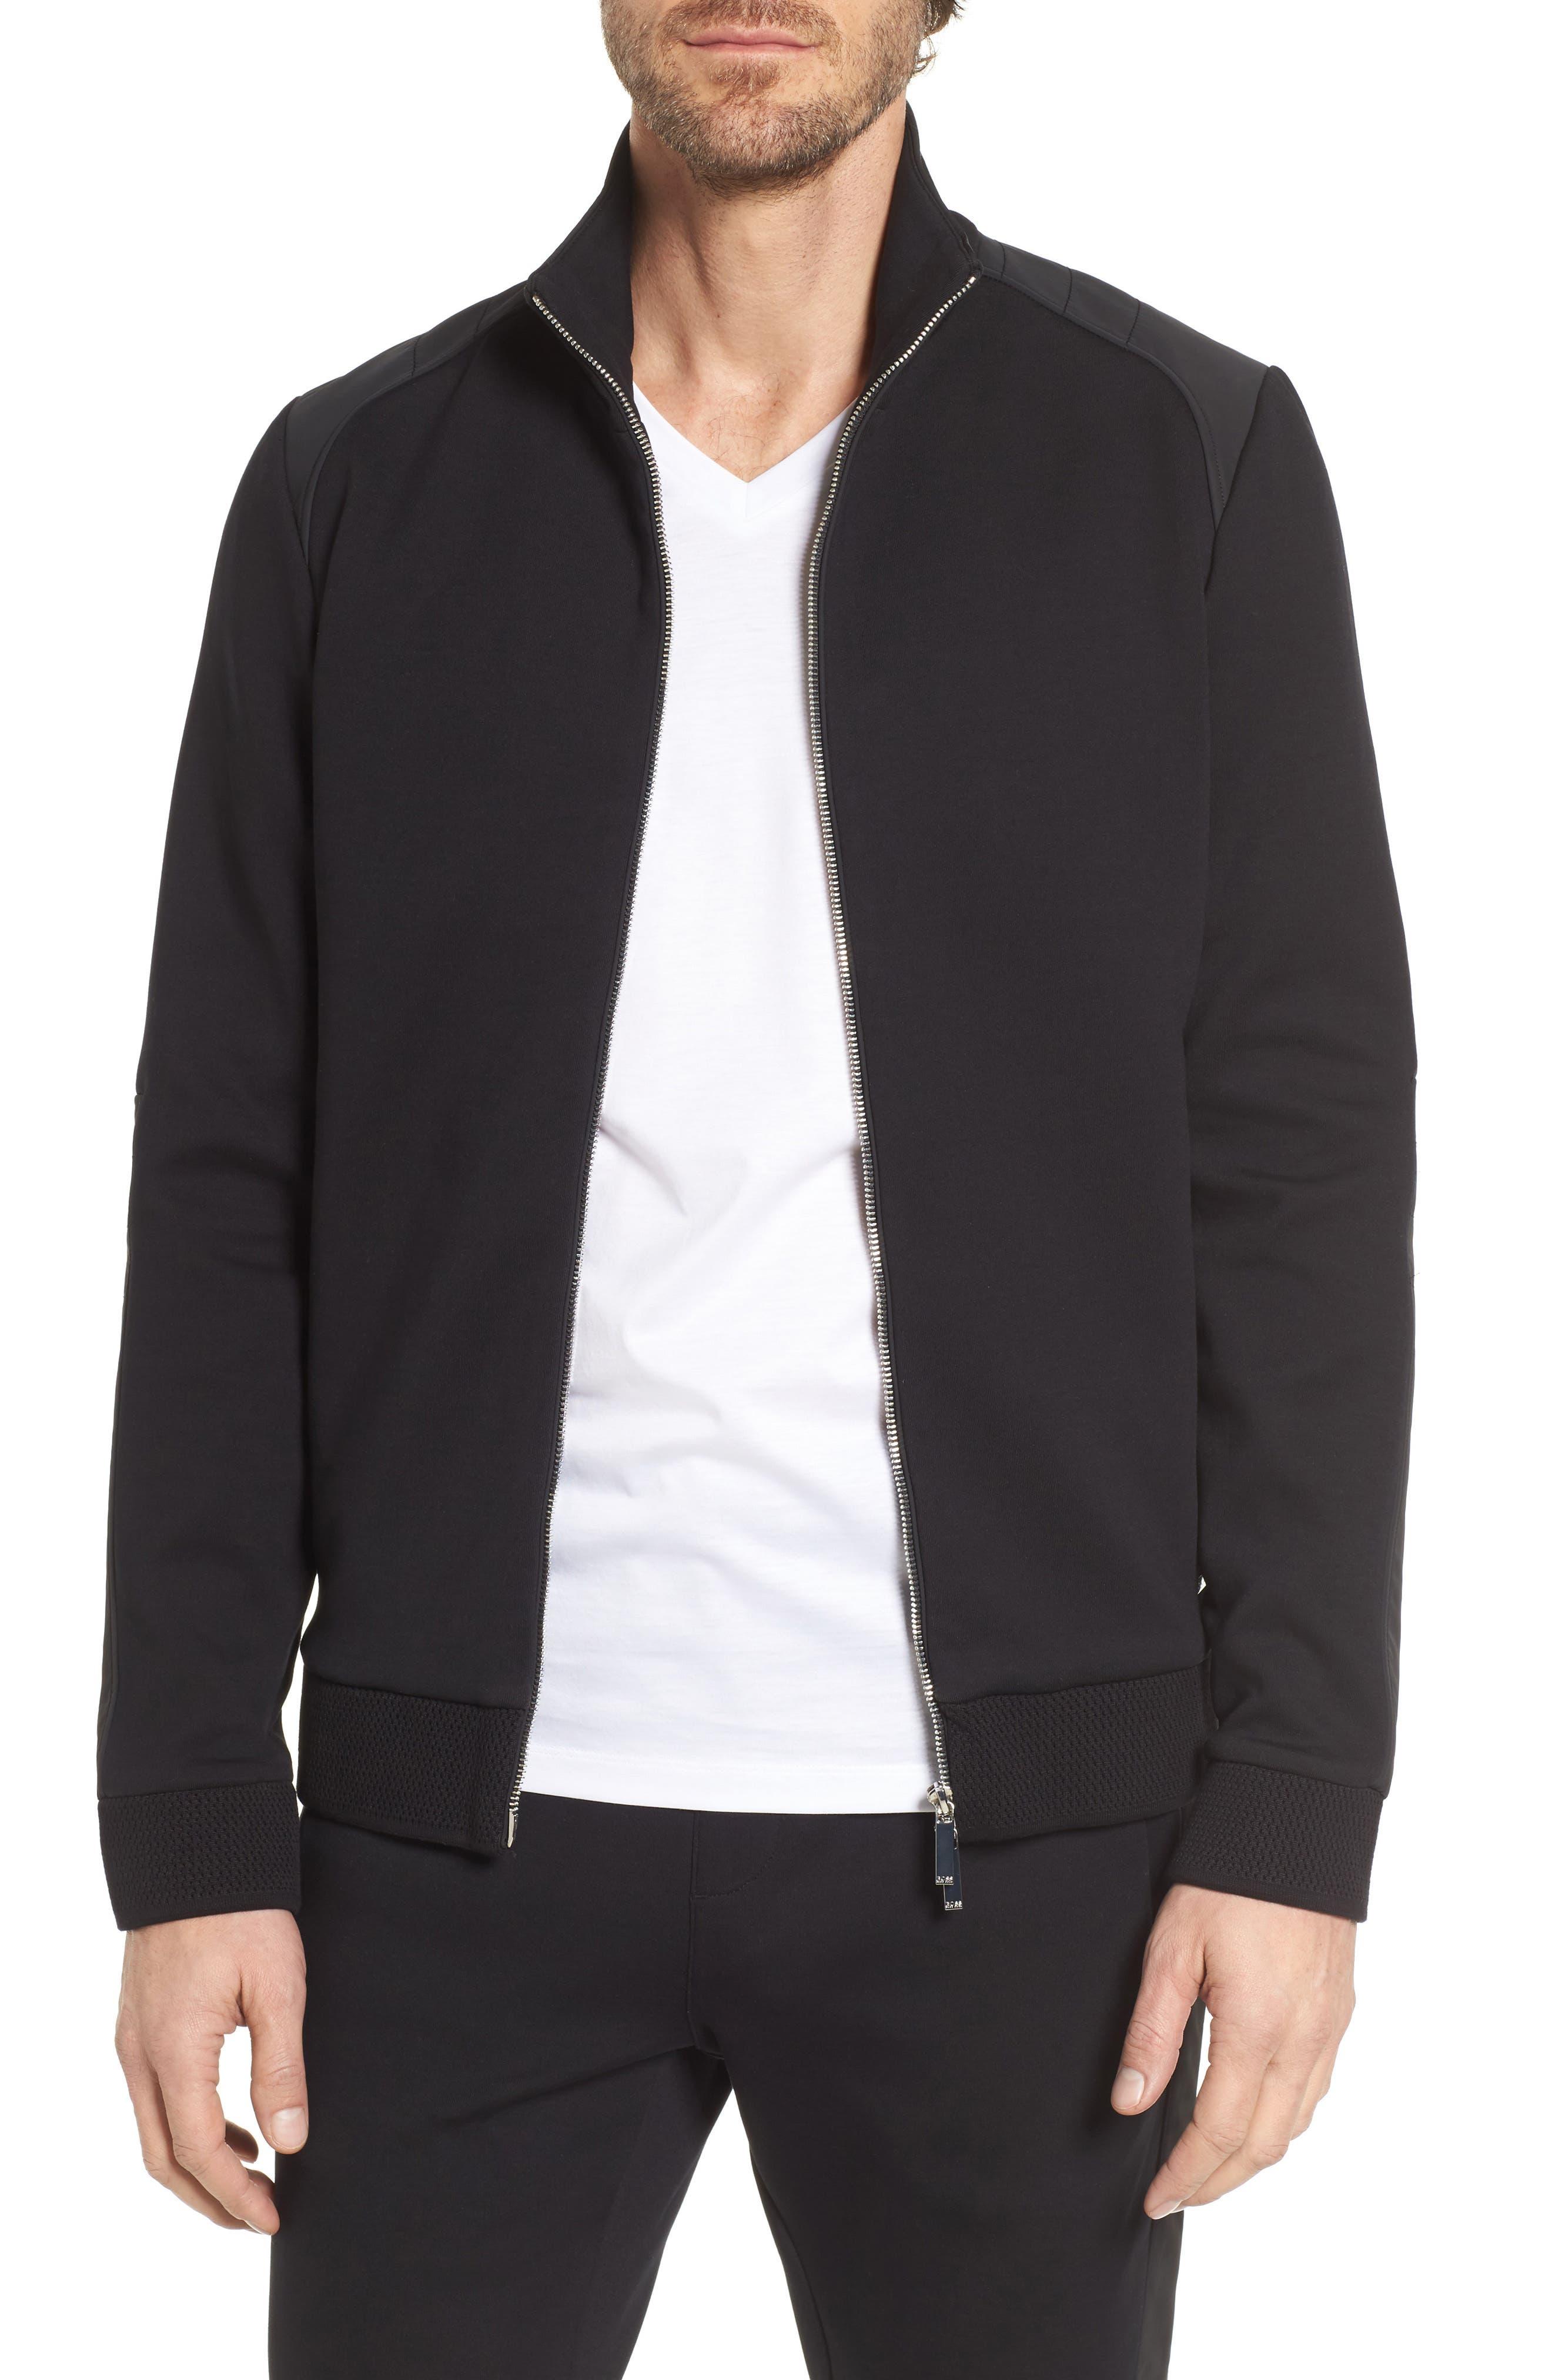 Soule Mercedes Slim Fit Zip Jacket,                             Main thumbnail 1, color,                             001